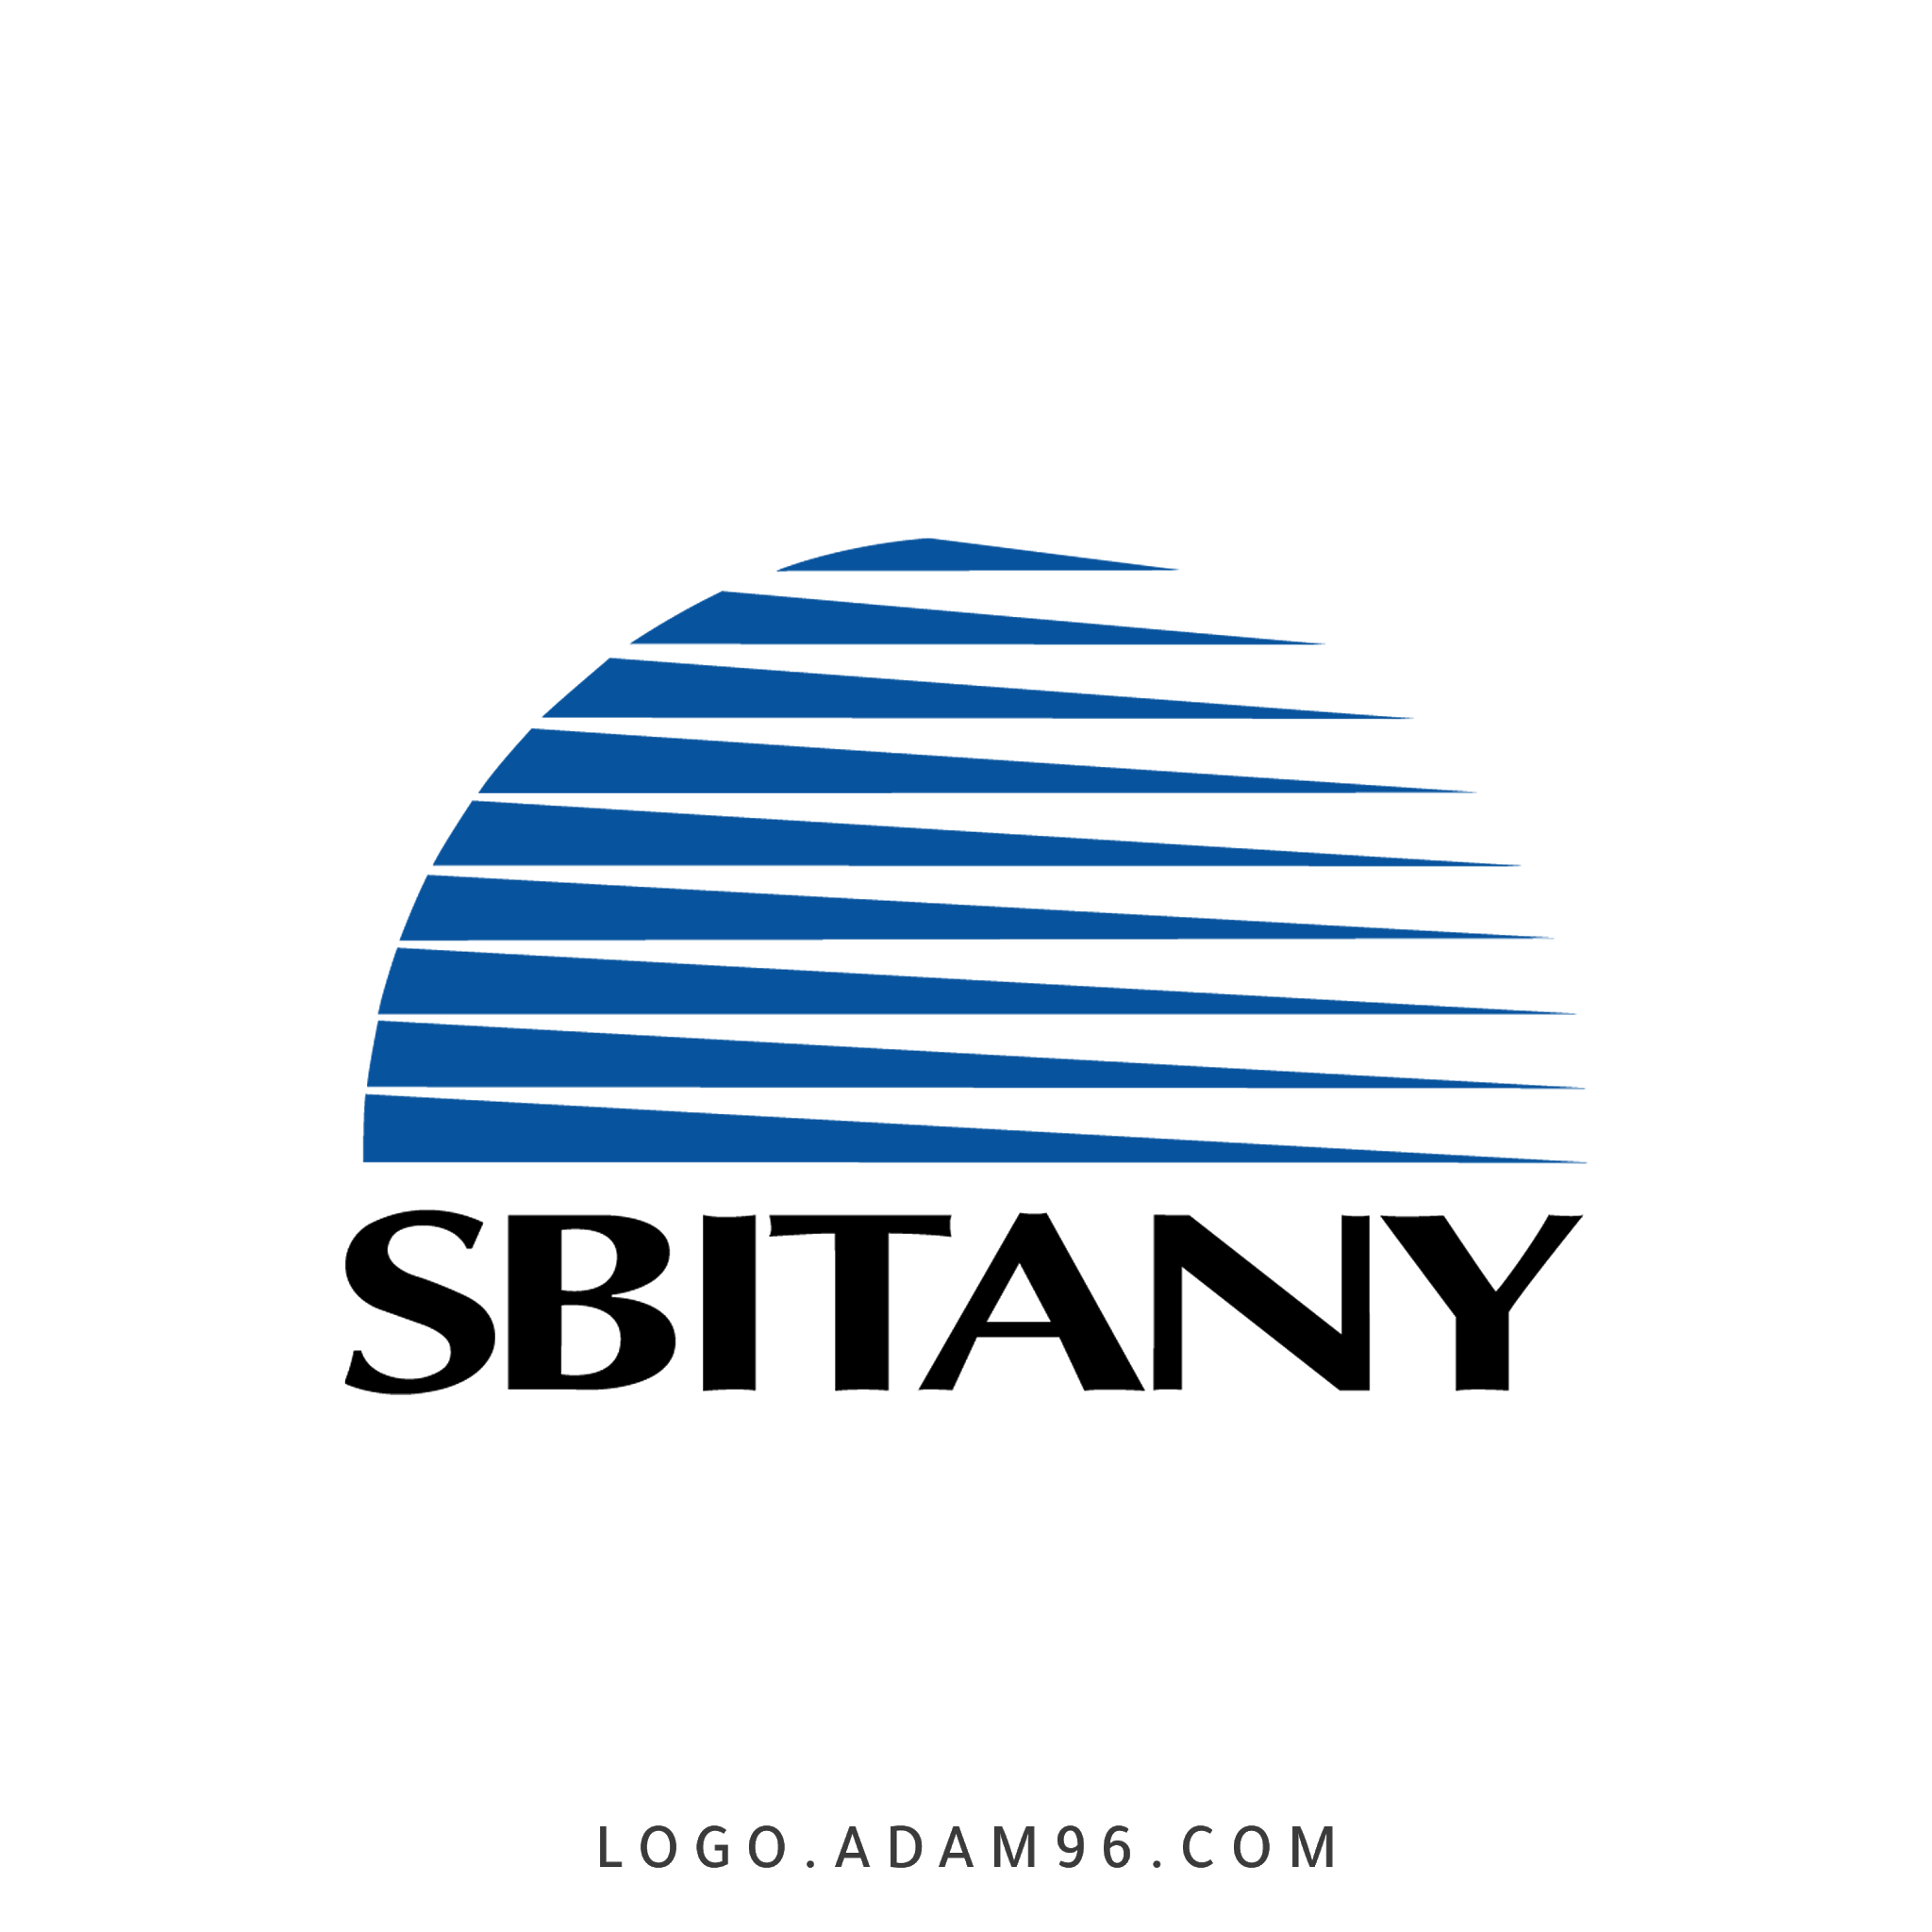 تحميل شعار شركة سبيتاني للادوات الكهربائية لوجو رسمي عالي الجودة PNG